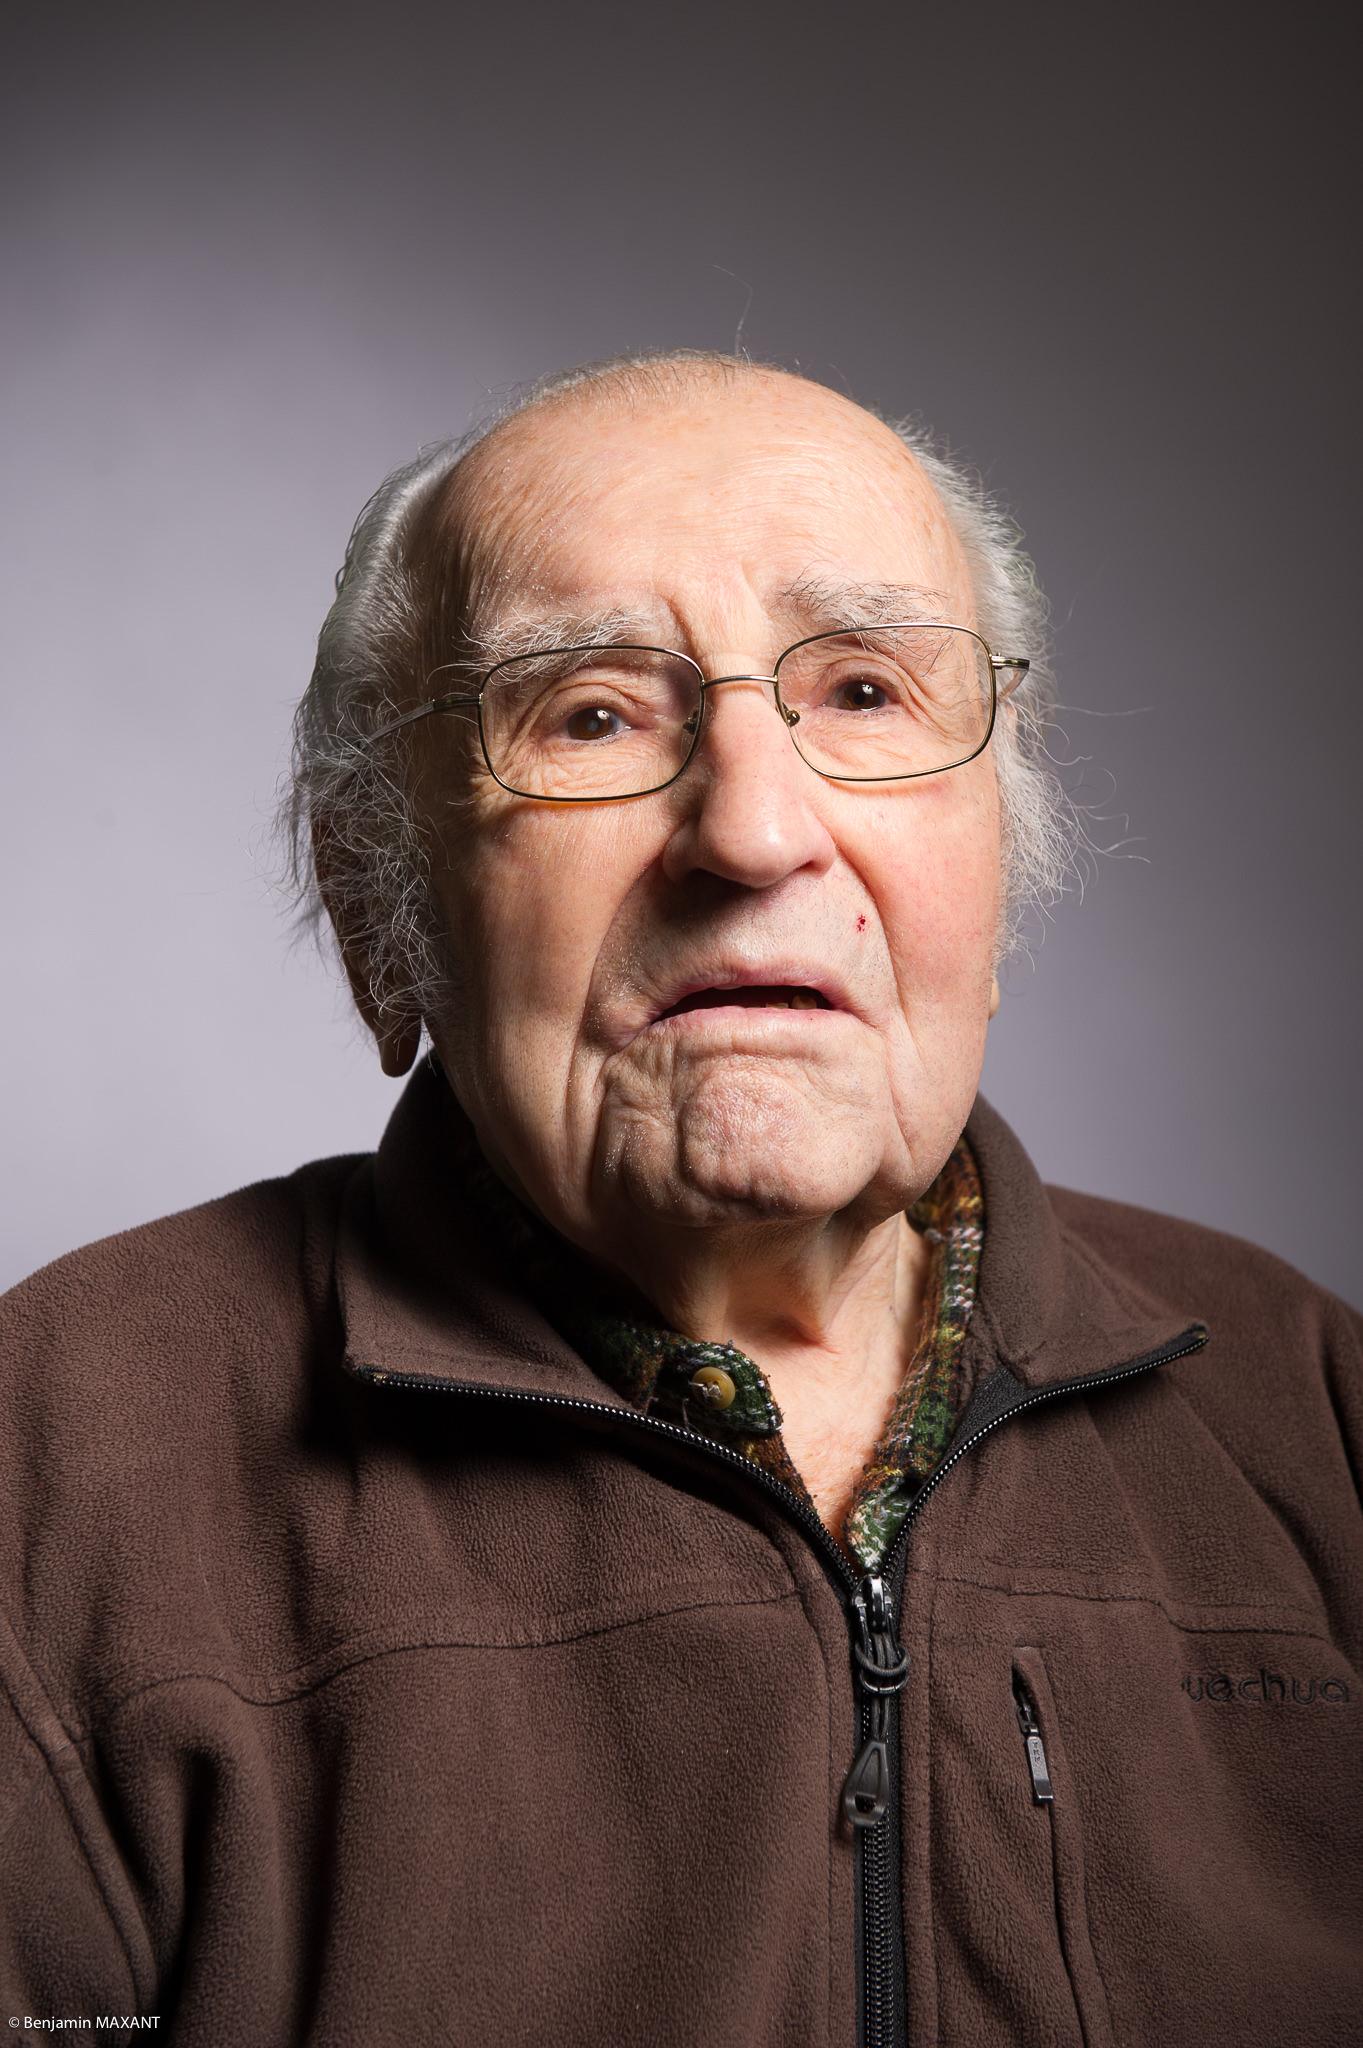 Portrait studio d'une personne âgée - homme haut brun